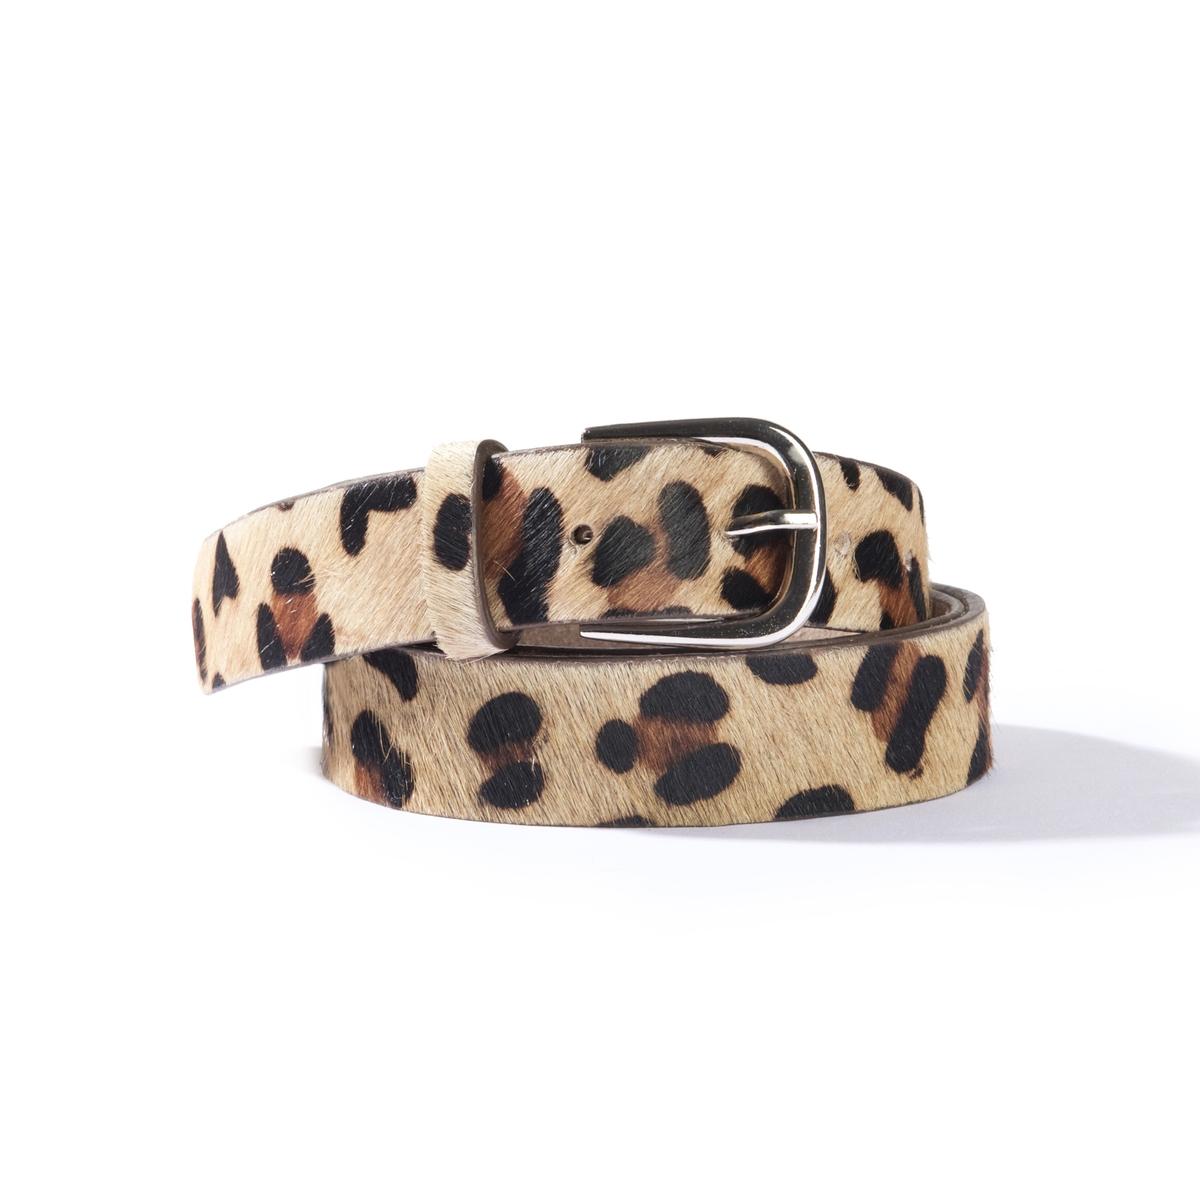 Ремень шириной 85-135 см с леопардовым рисункомОписание:Модный кожаный ремень с красивым леопардовым рисунком !Состав и описание : Материал : яловичная кожа снаружи Марка : R Studio.Размеры :  ширина 3 см Застежка : пряжка.<br><br>Цвет: леопардовый рисунок<br>Размер: 120 см.95 см.105 см